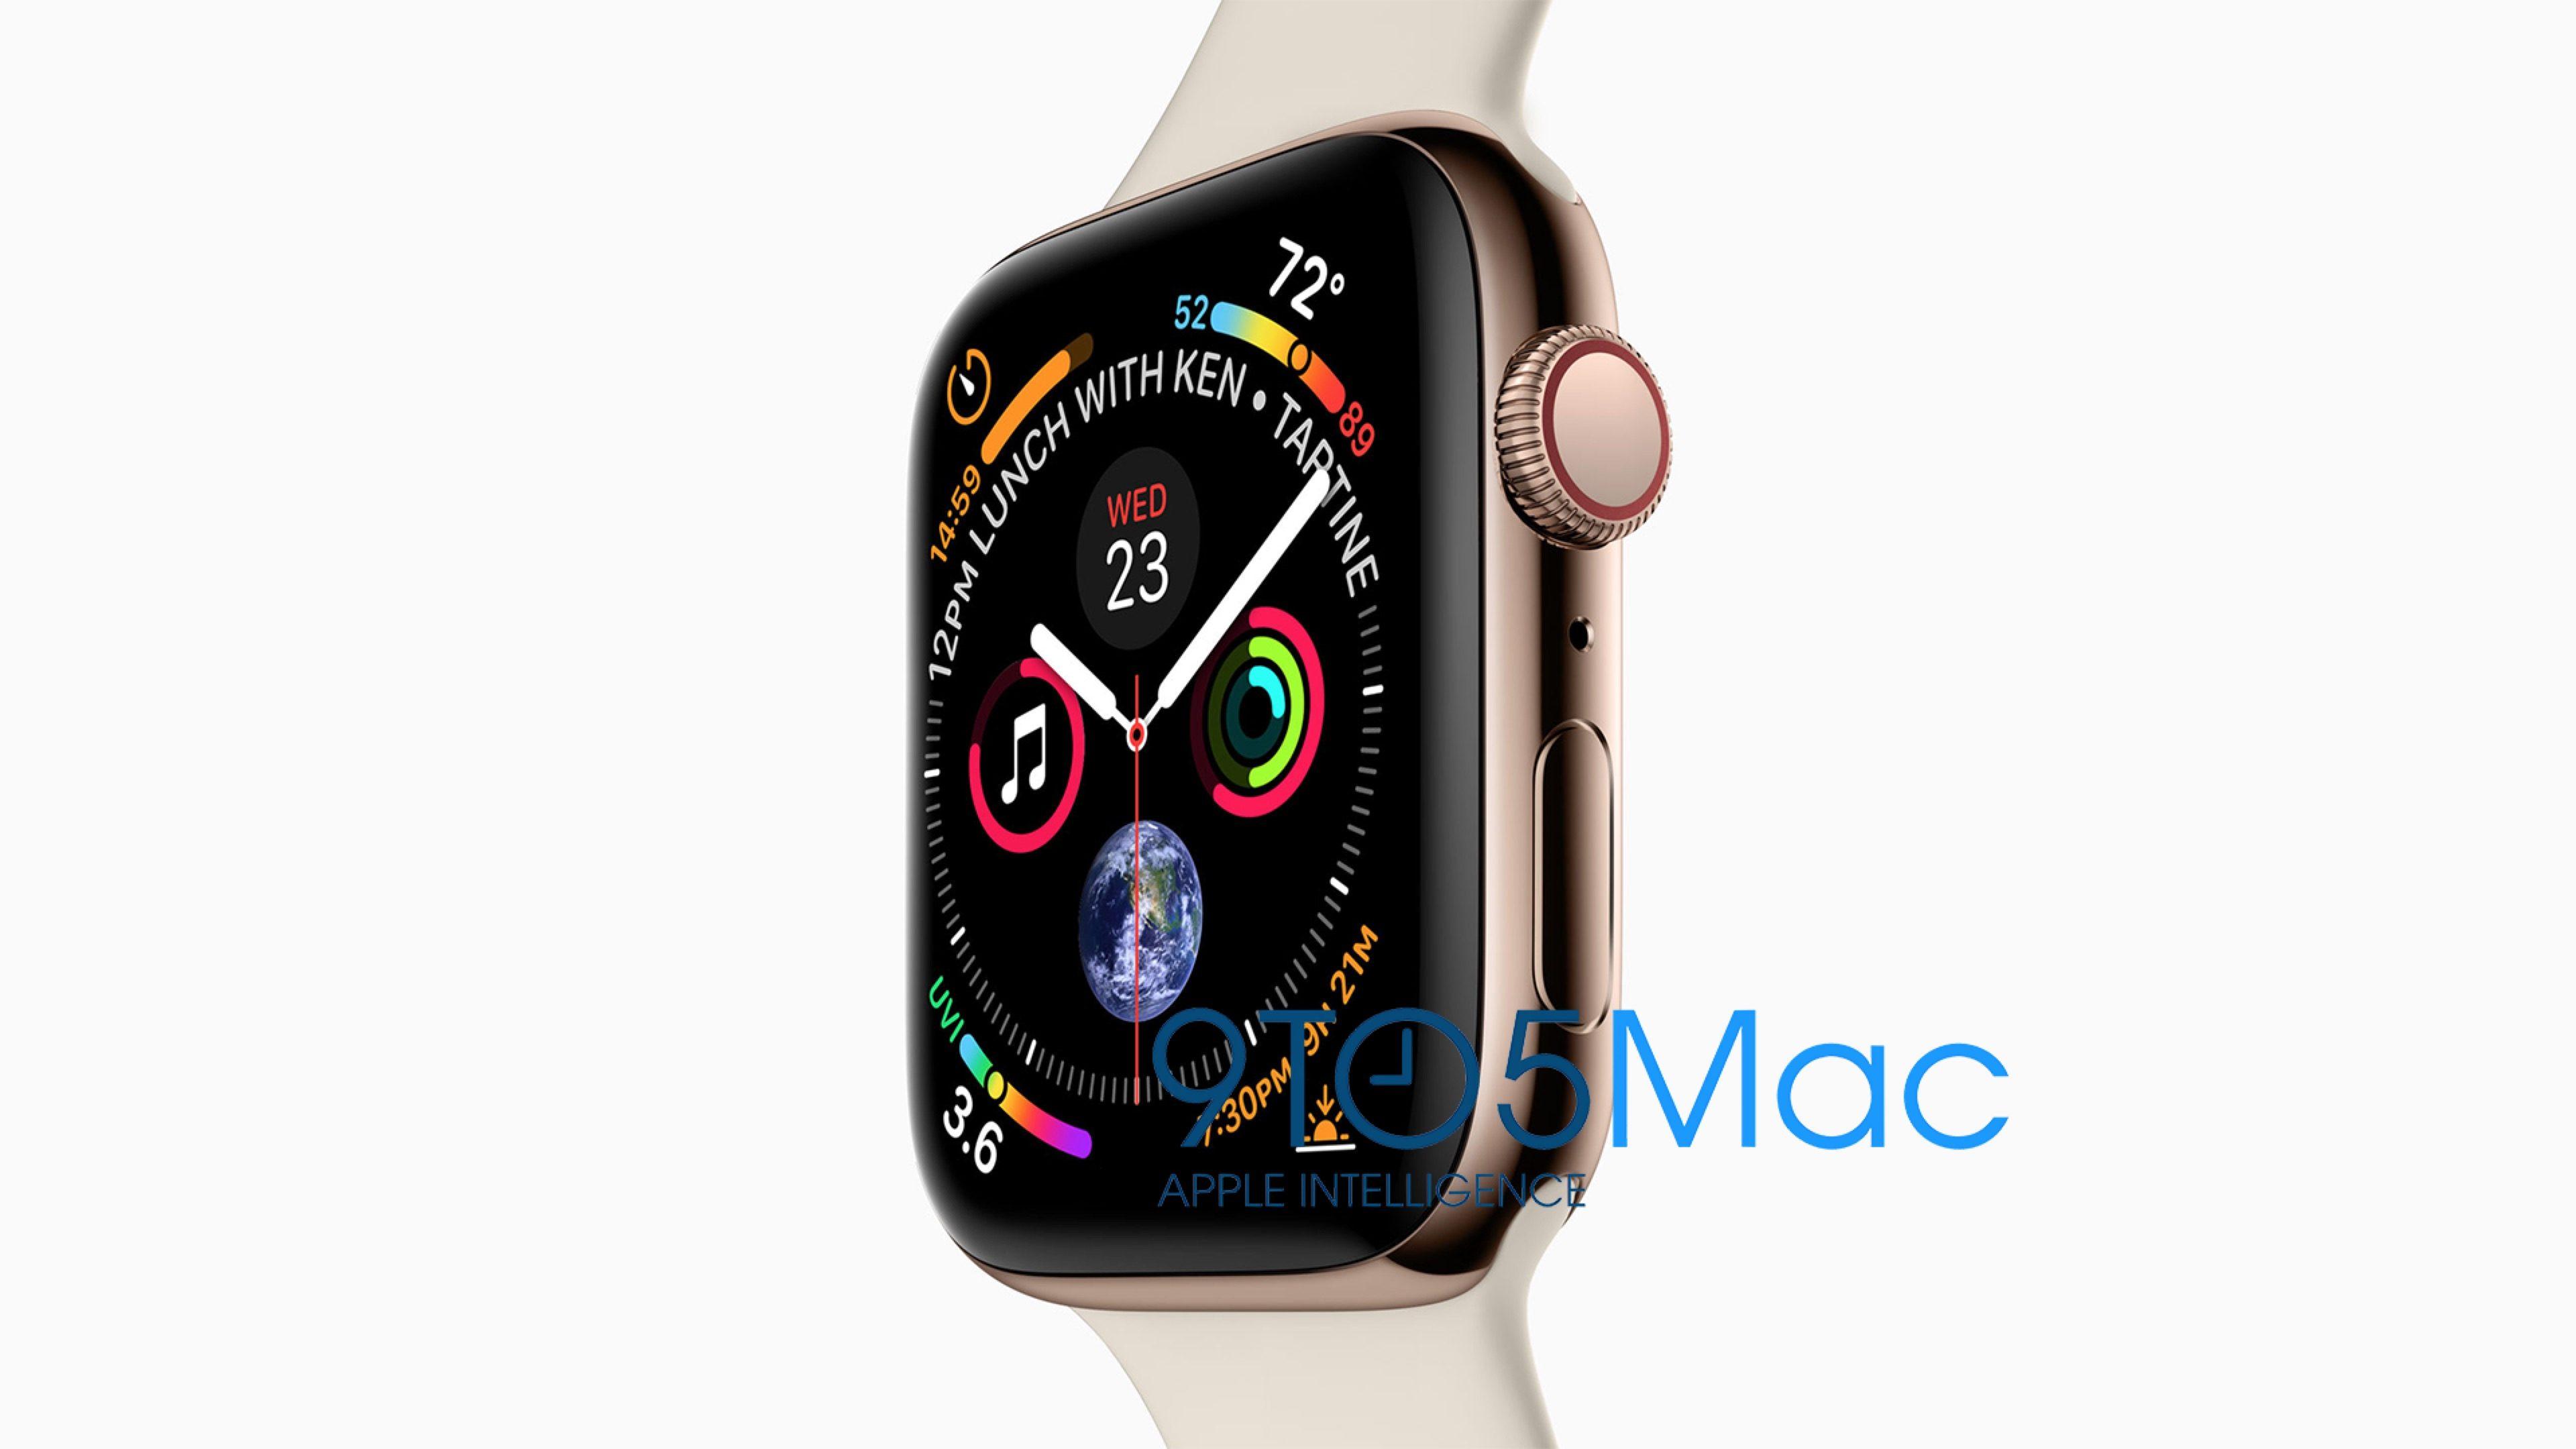 L'Apple Watch Series 4 révélée – écran plus grand, watch face plus dense, et plus…